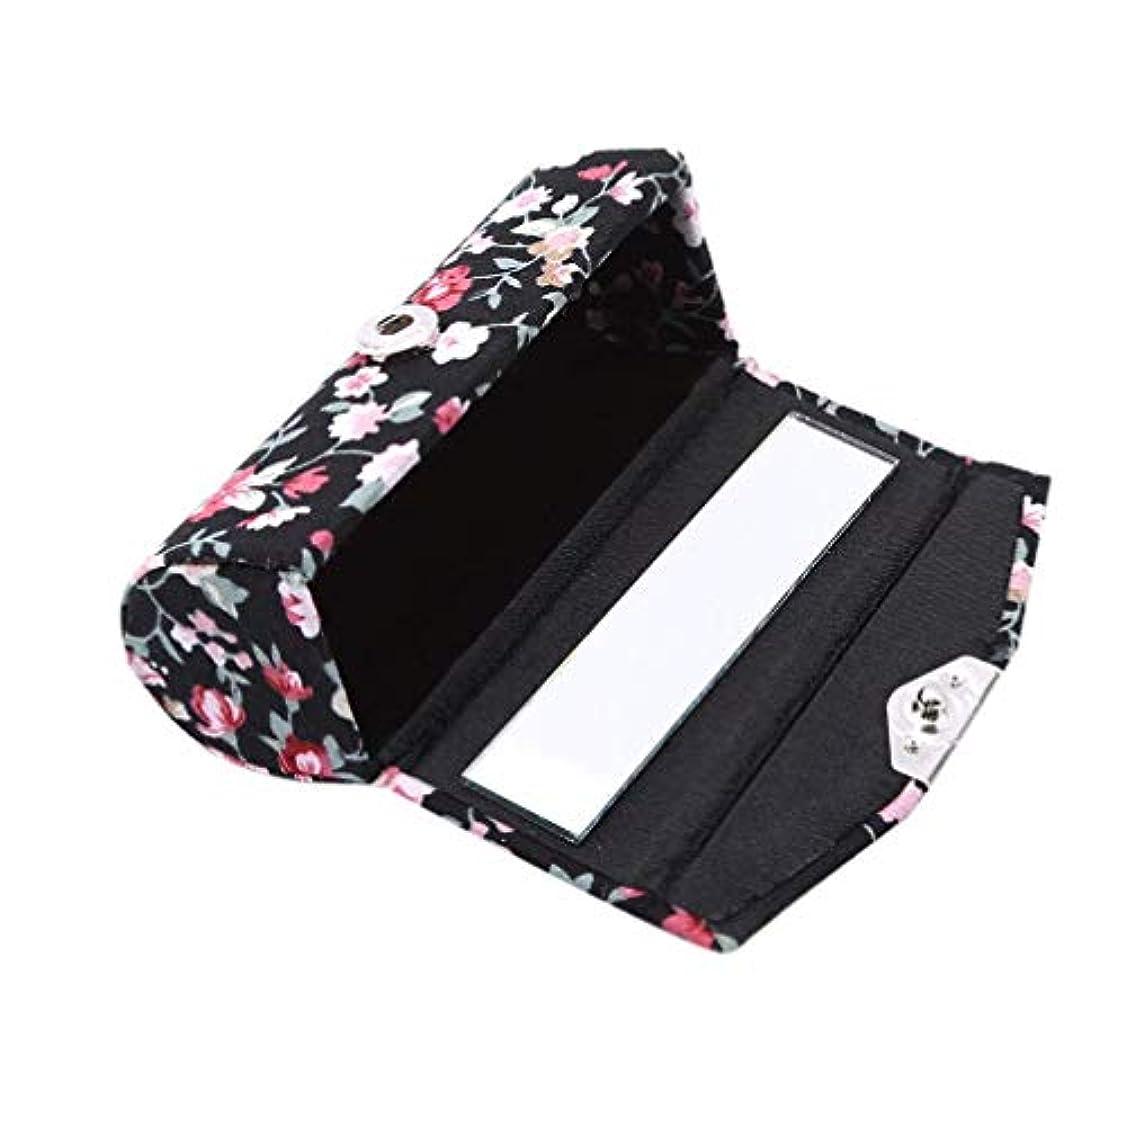 買う対カメラ1st market 口紅ケースレトロ刺繍入り花柄付きミラーリップグロスボックスジュエリー収納ボックス、ブラック高品質